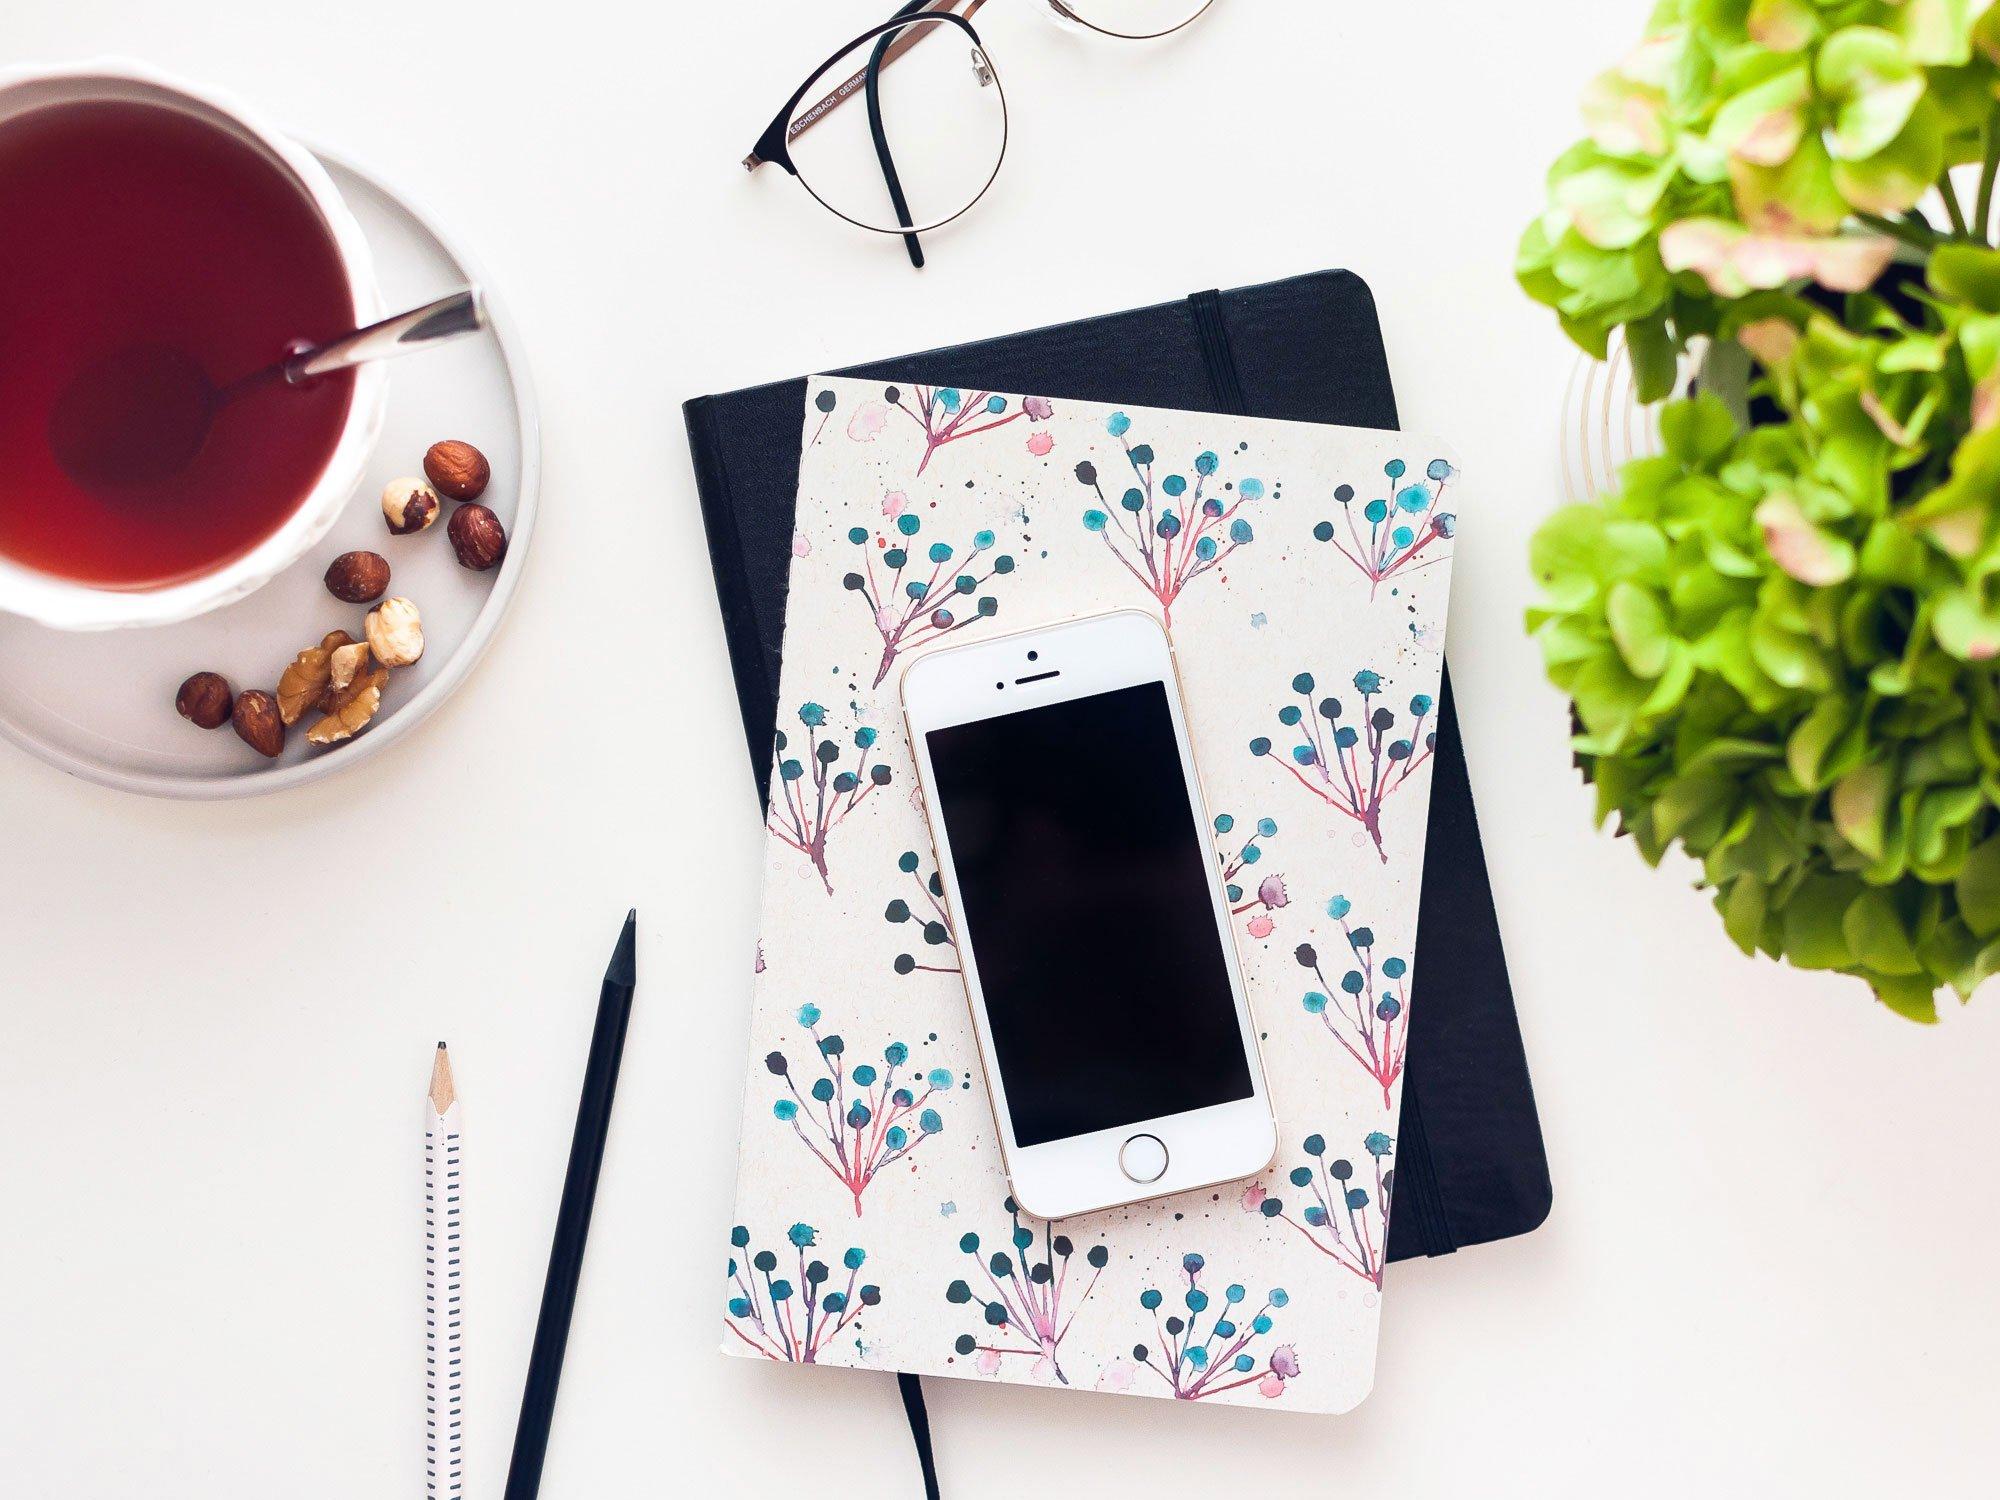 Let's talk tech: Die beste Ressourcen-Liste für einen reibungslosen Workflow #Arbeit #Beruf #Kreativität #Workflow #Produktivität #Freelancer #HomeOffice